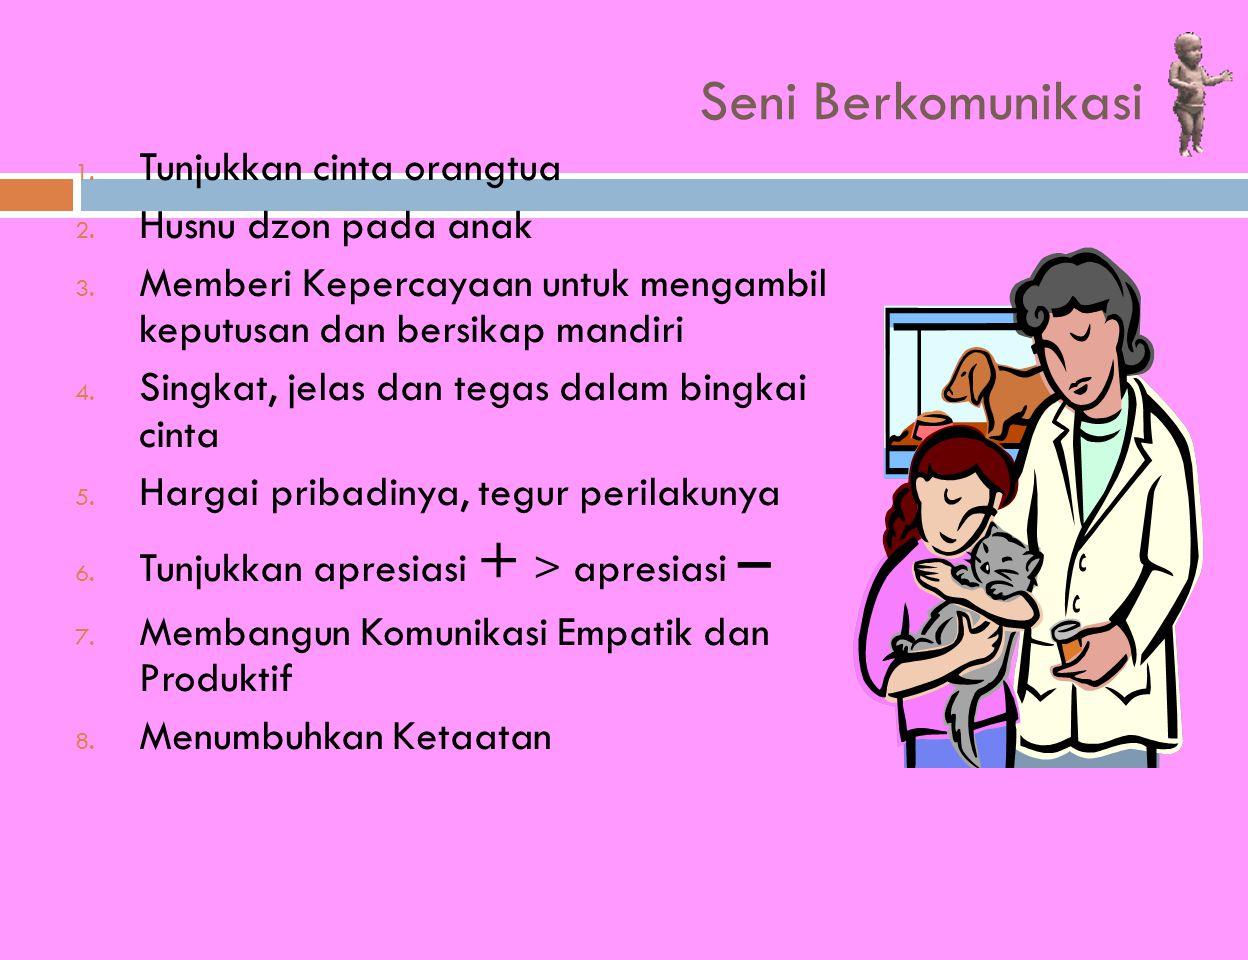 Seni Berkomunikasi 1. Tunjukkan cinta orangtua 2. Husnu dzon pada anak 3. Memberi Kepercayaan untuk mengambil keputusan dan bersikap mandiri 4. Singka